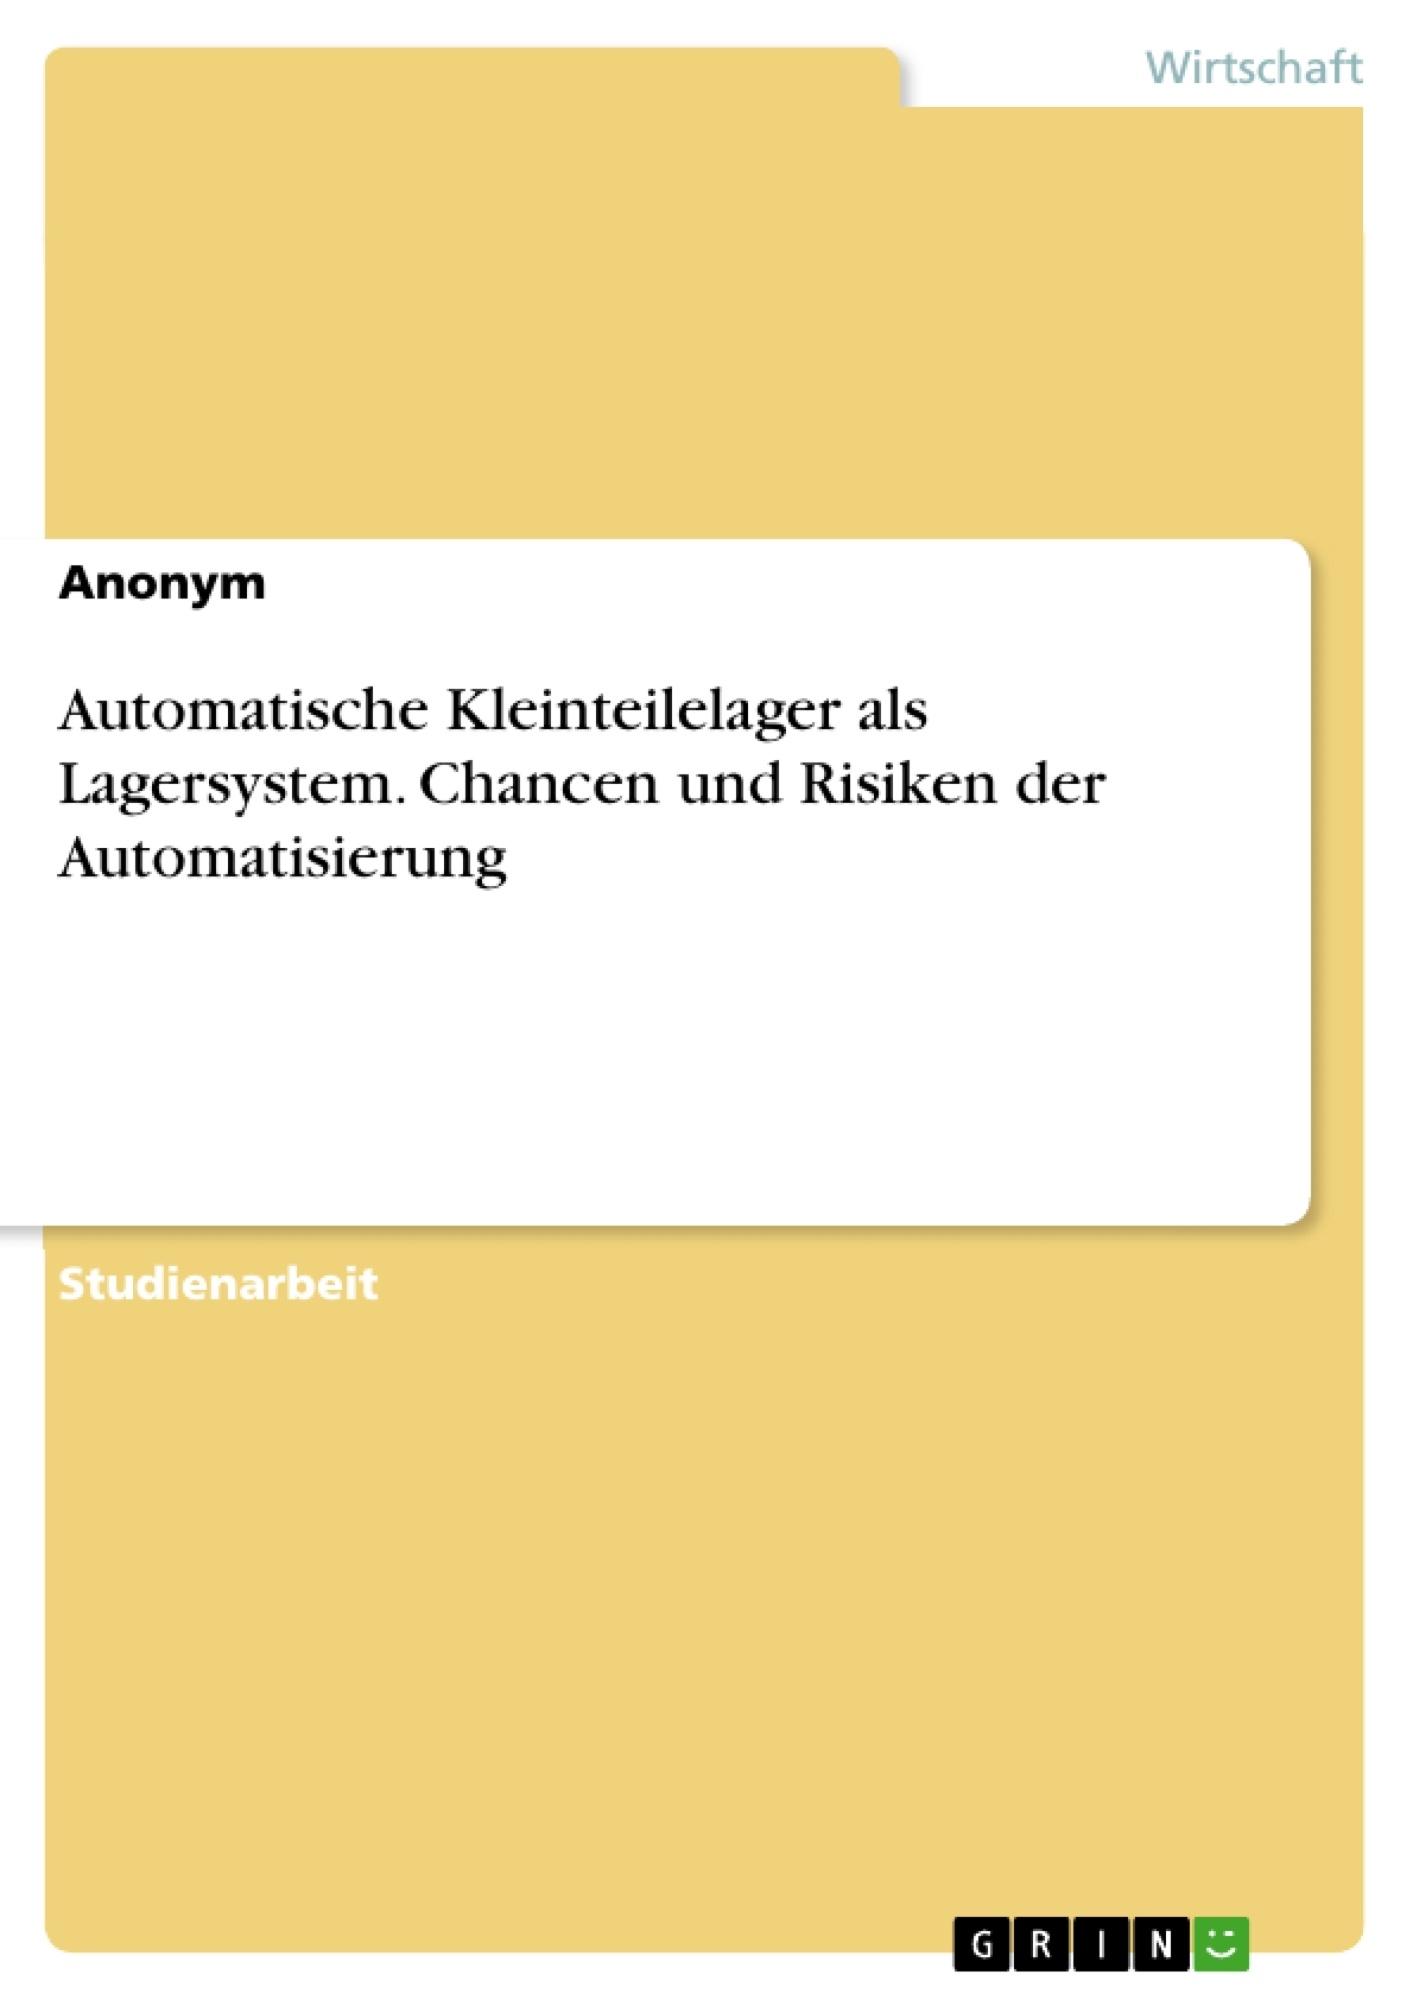 Titel: Automatische Kleinteilelager als Lagersystem. Chancen und Risiken der Automatisierung